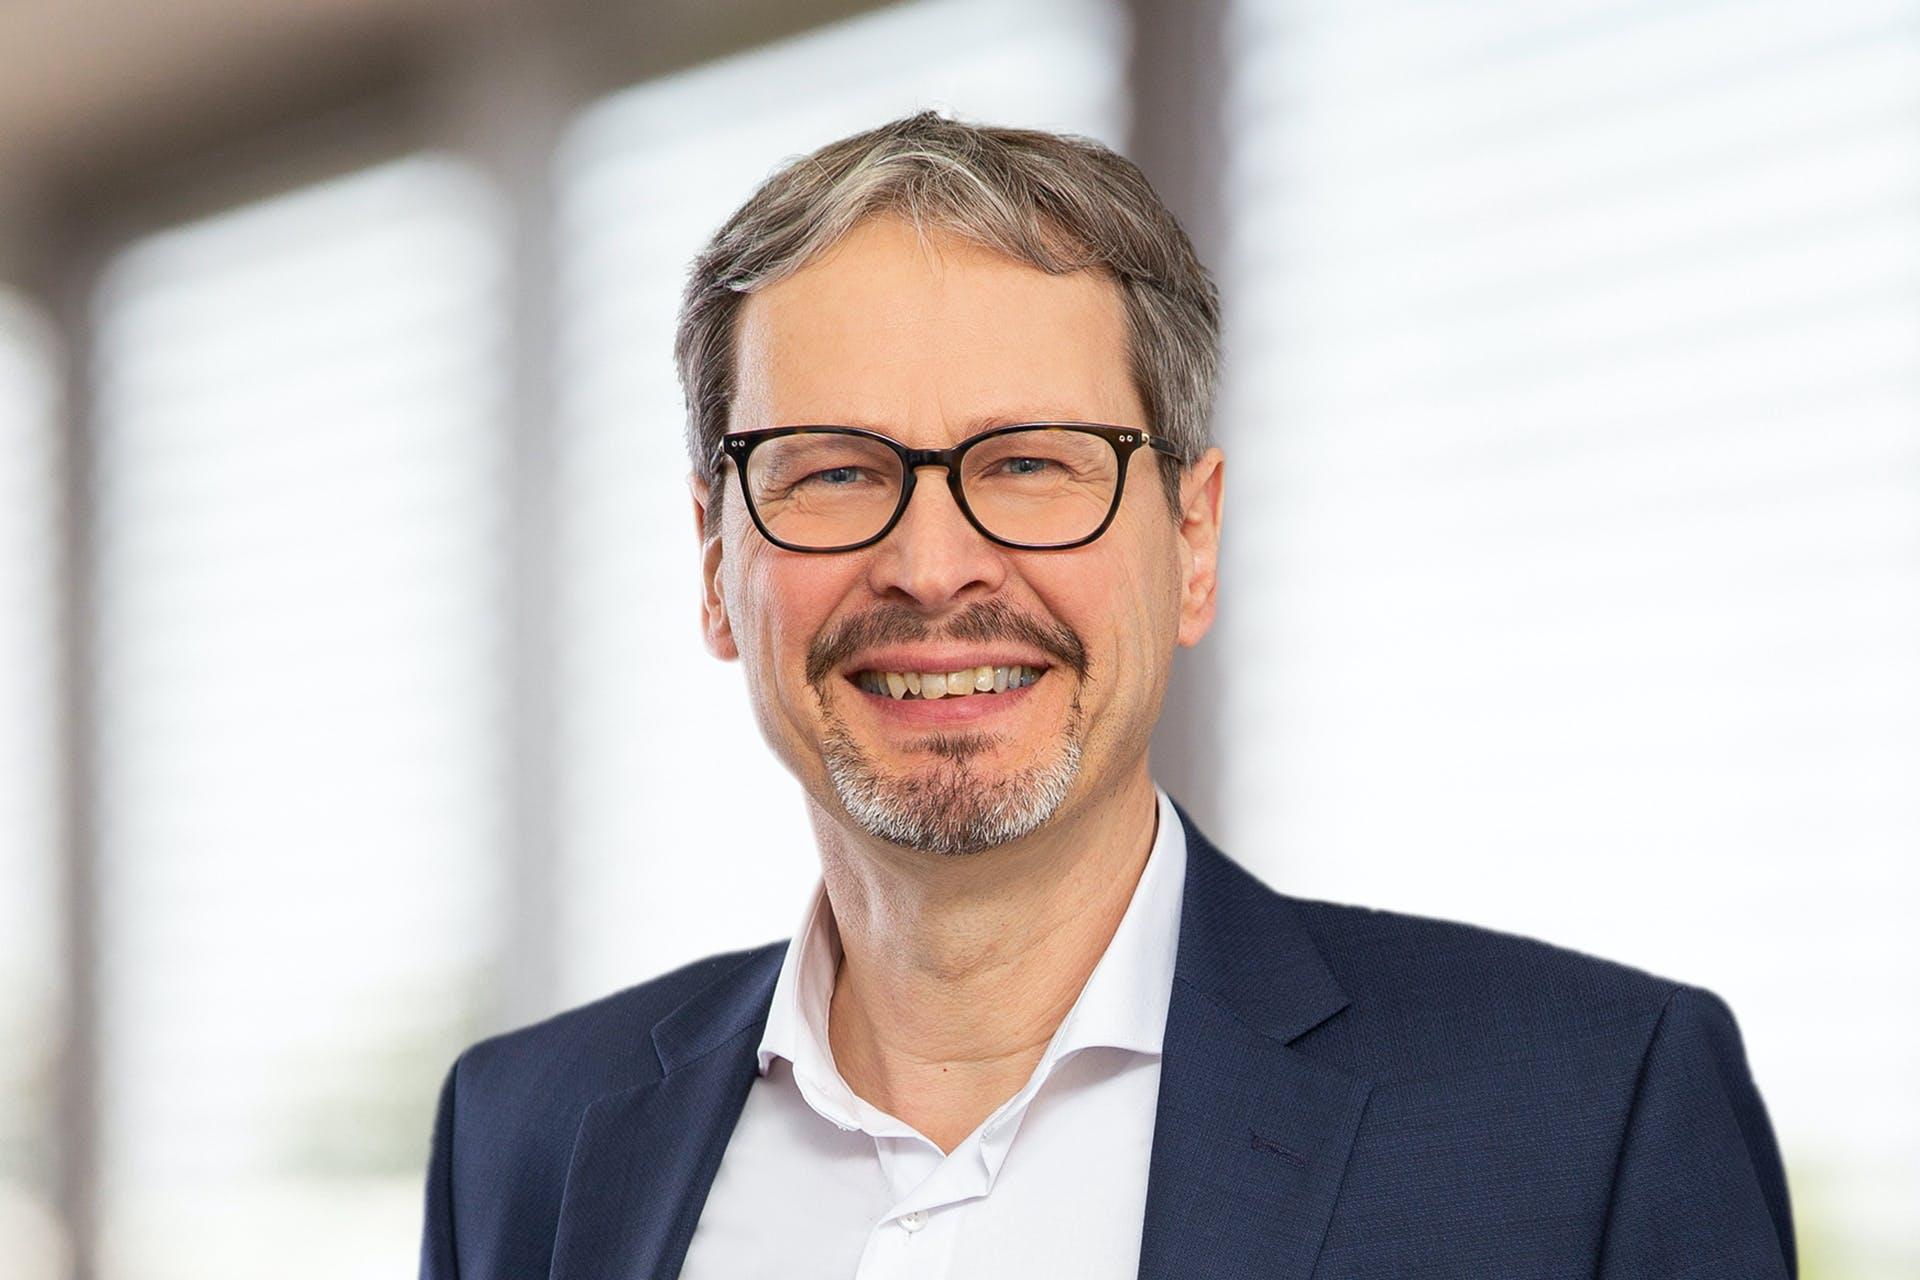 Dr. Peter Daniel